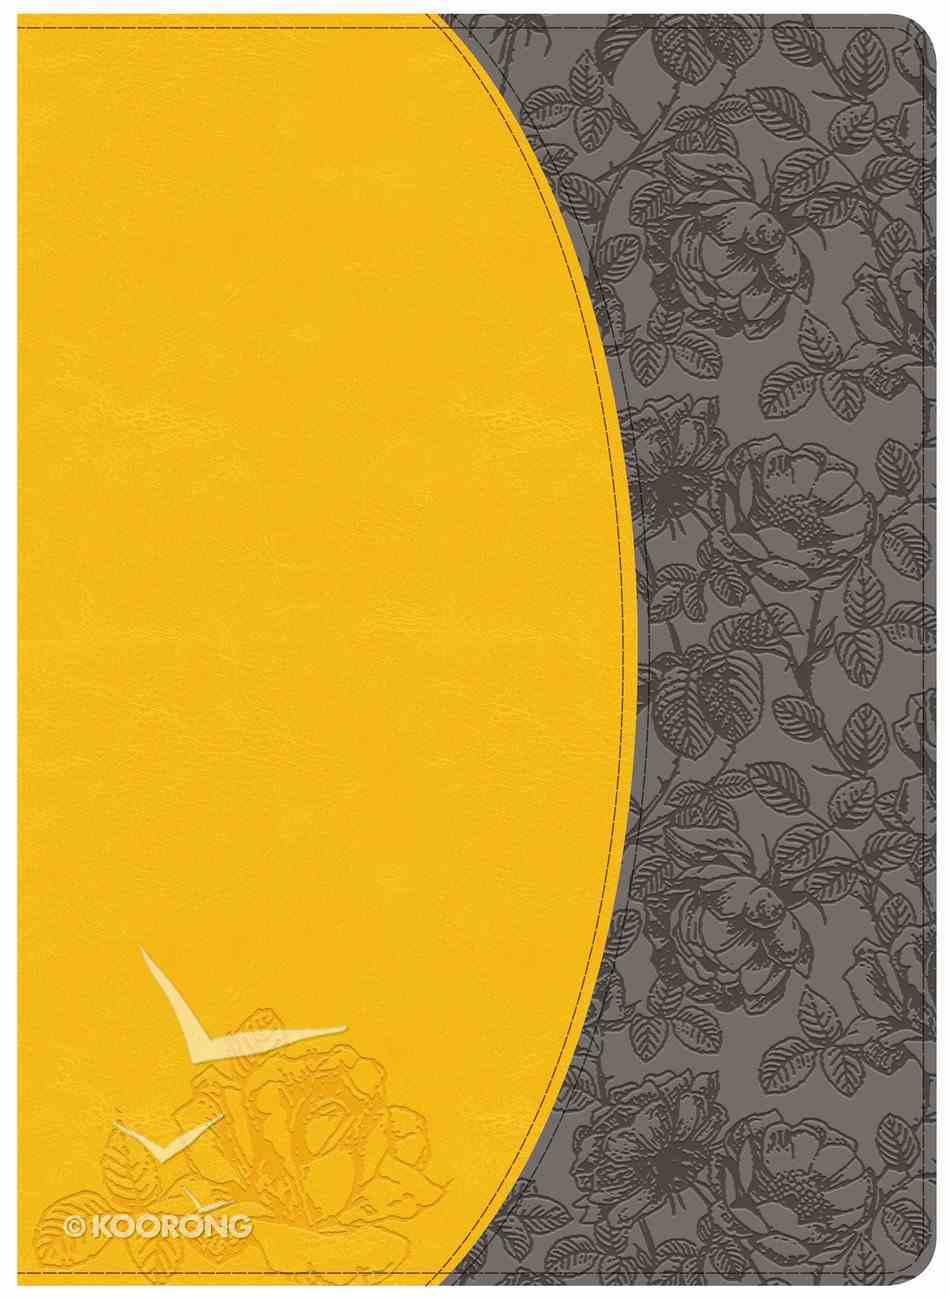 NKJV Holman Study Bible Canary/Slate Grey Imitation Leather